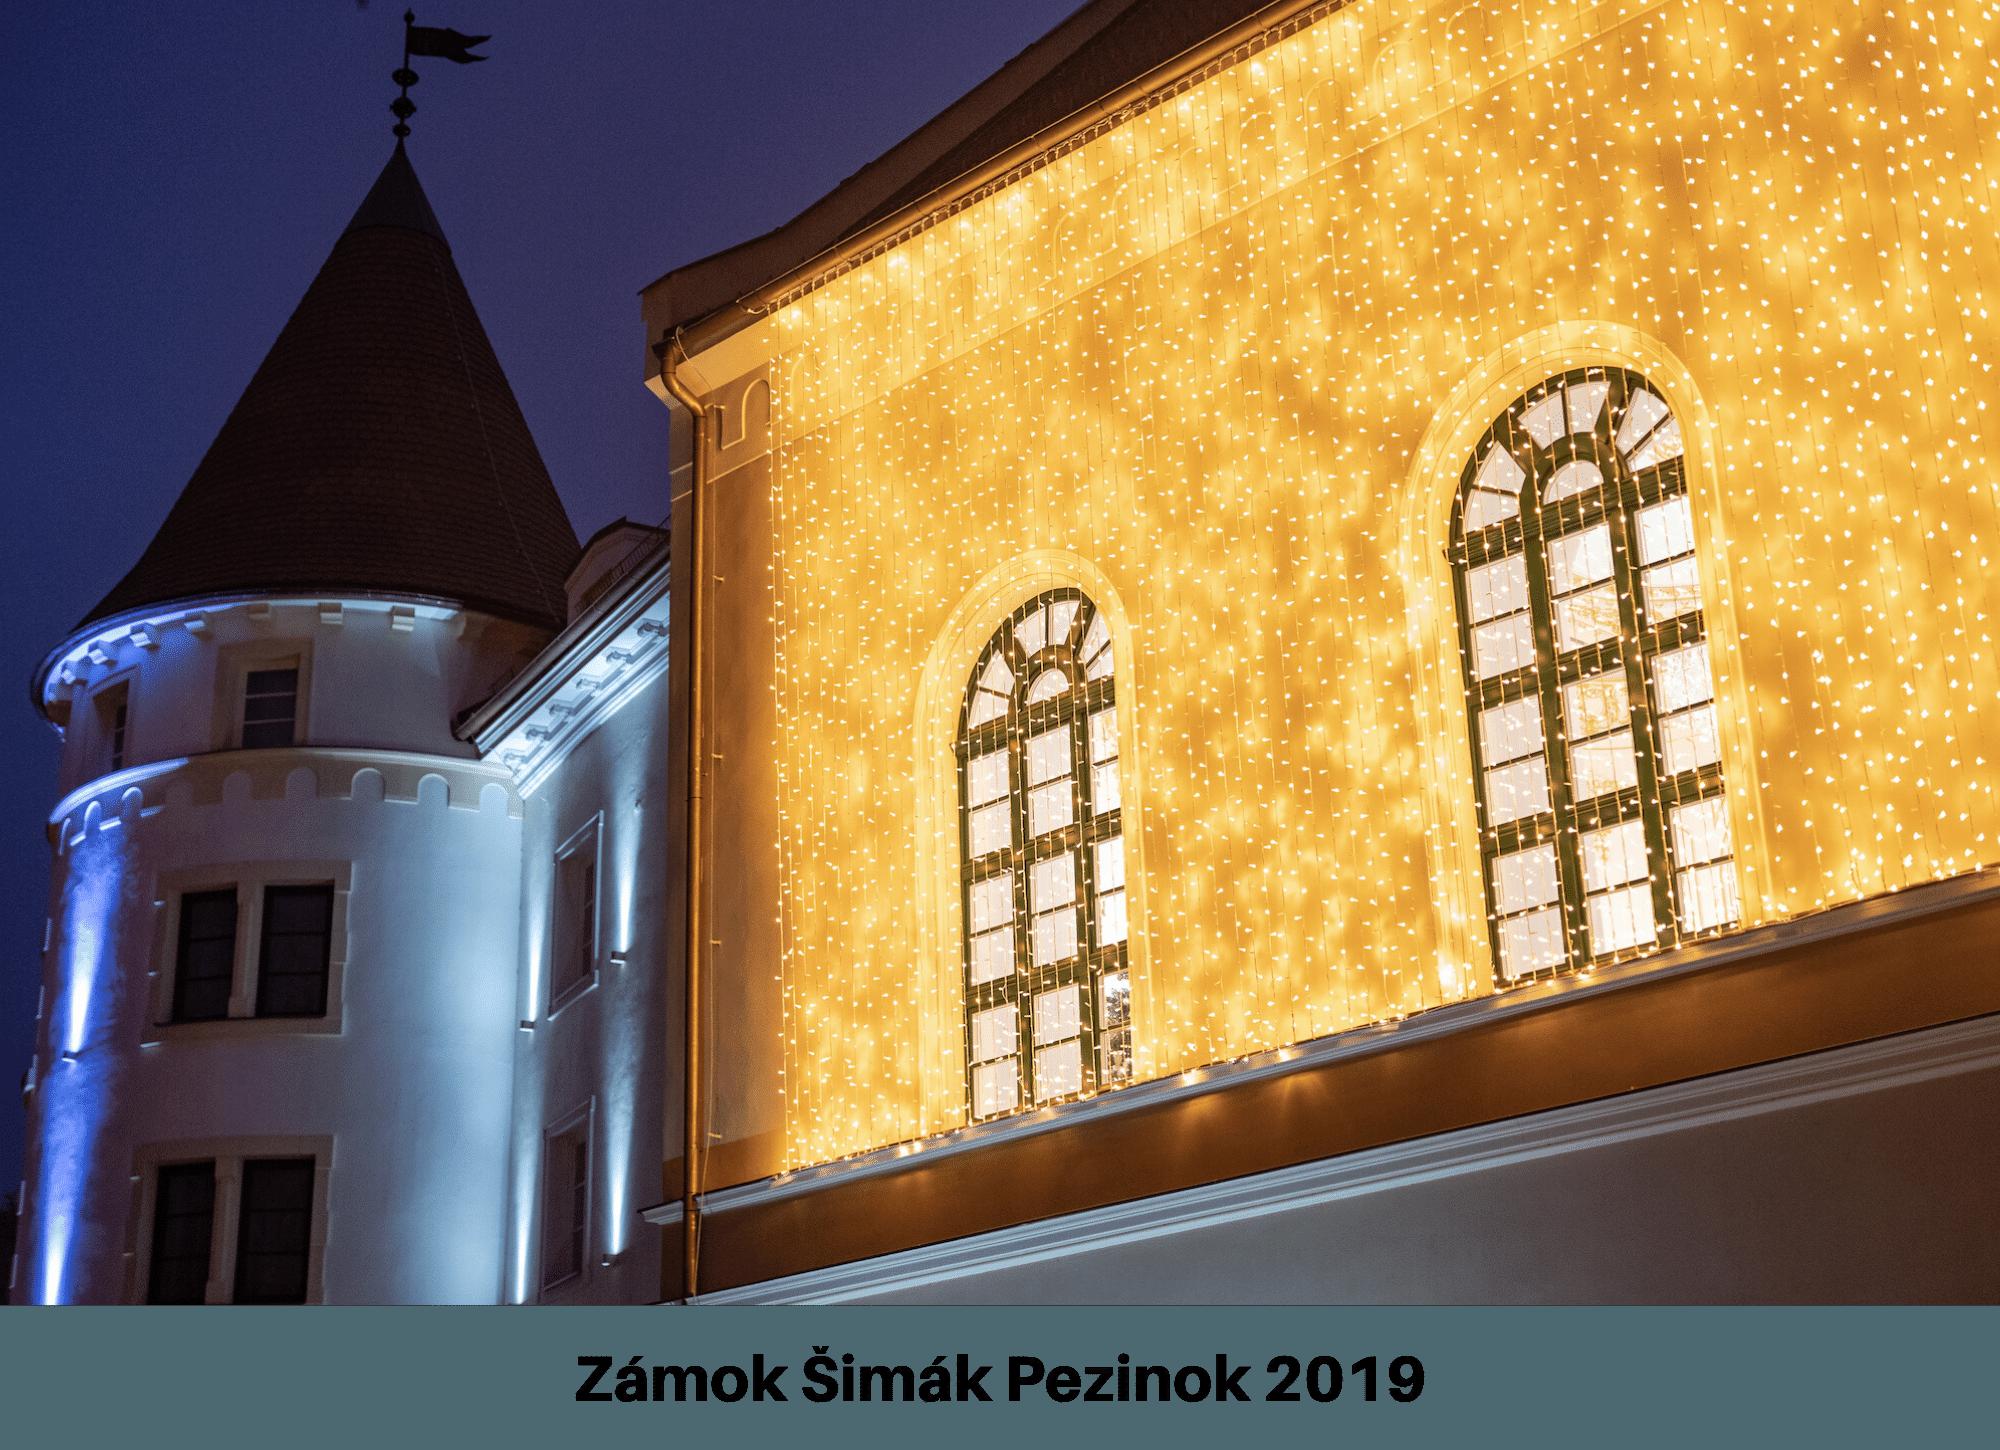 Zámok Pezinok 2019